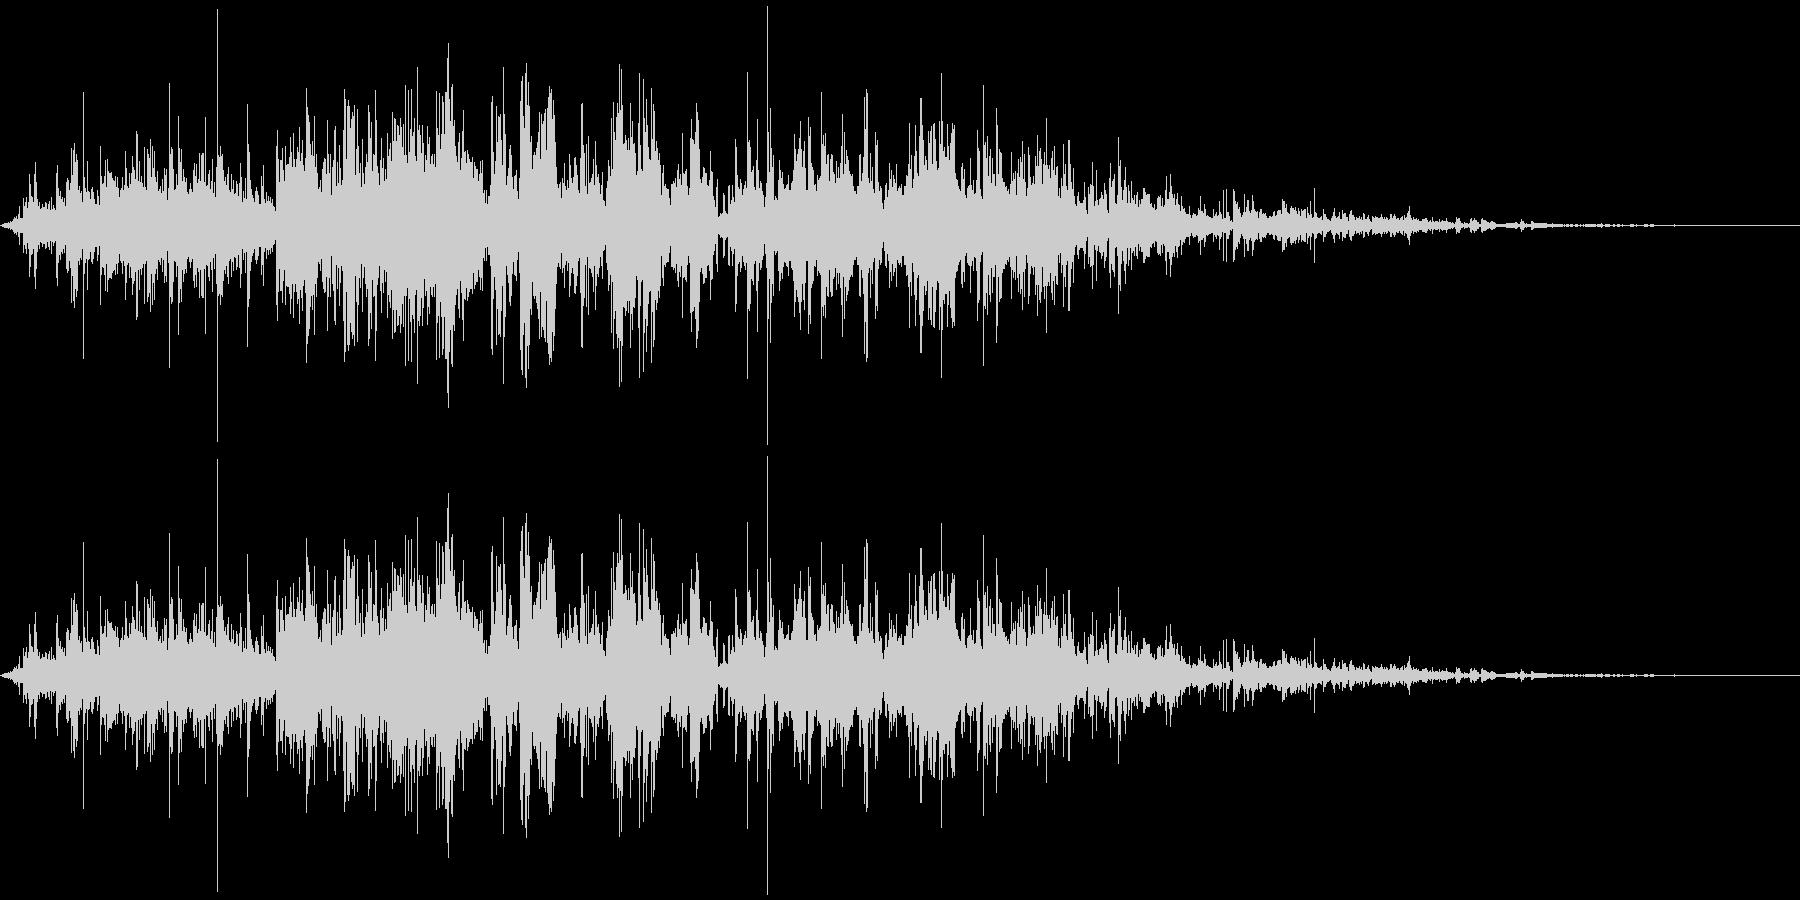 鎖を動かす音2【長い】の未再生の波形